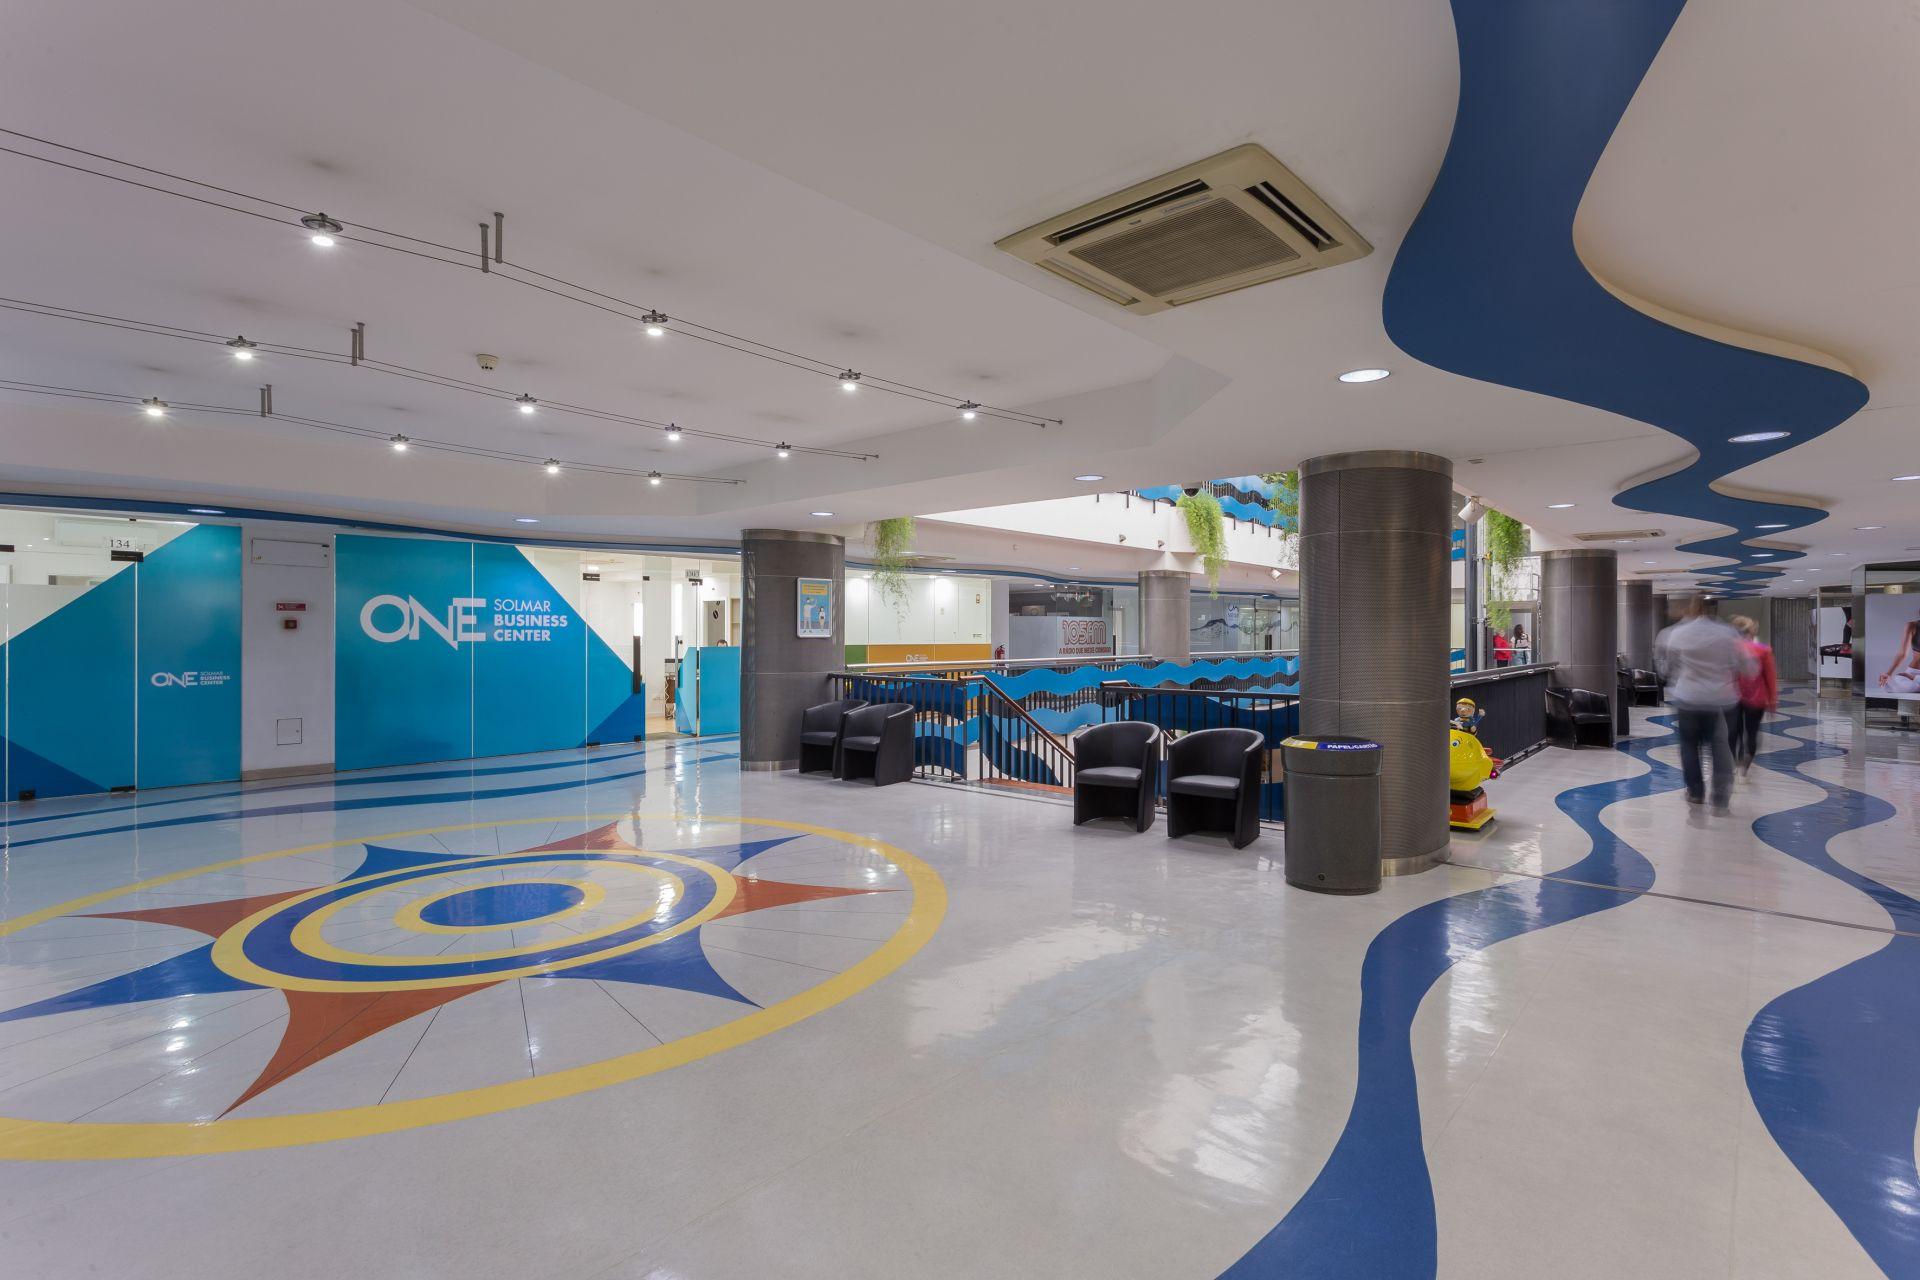 ONE Solmar Business Center, Ponta Delgada